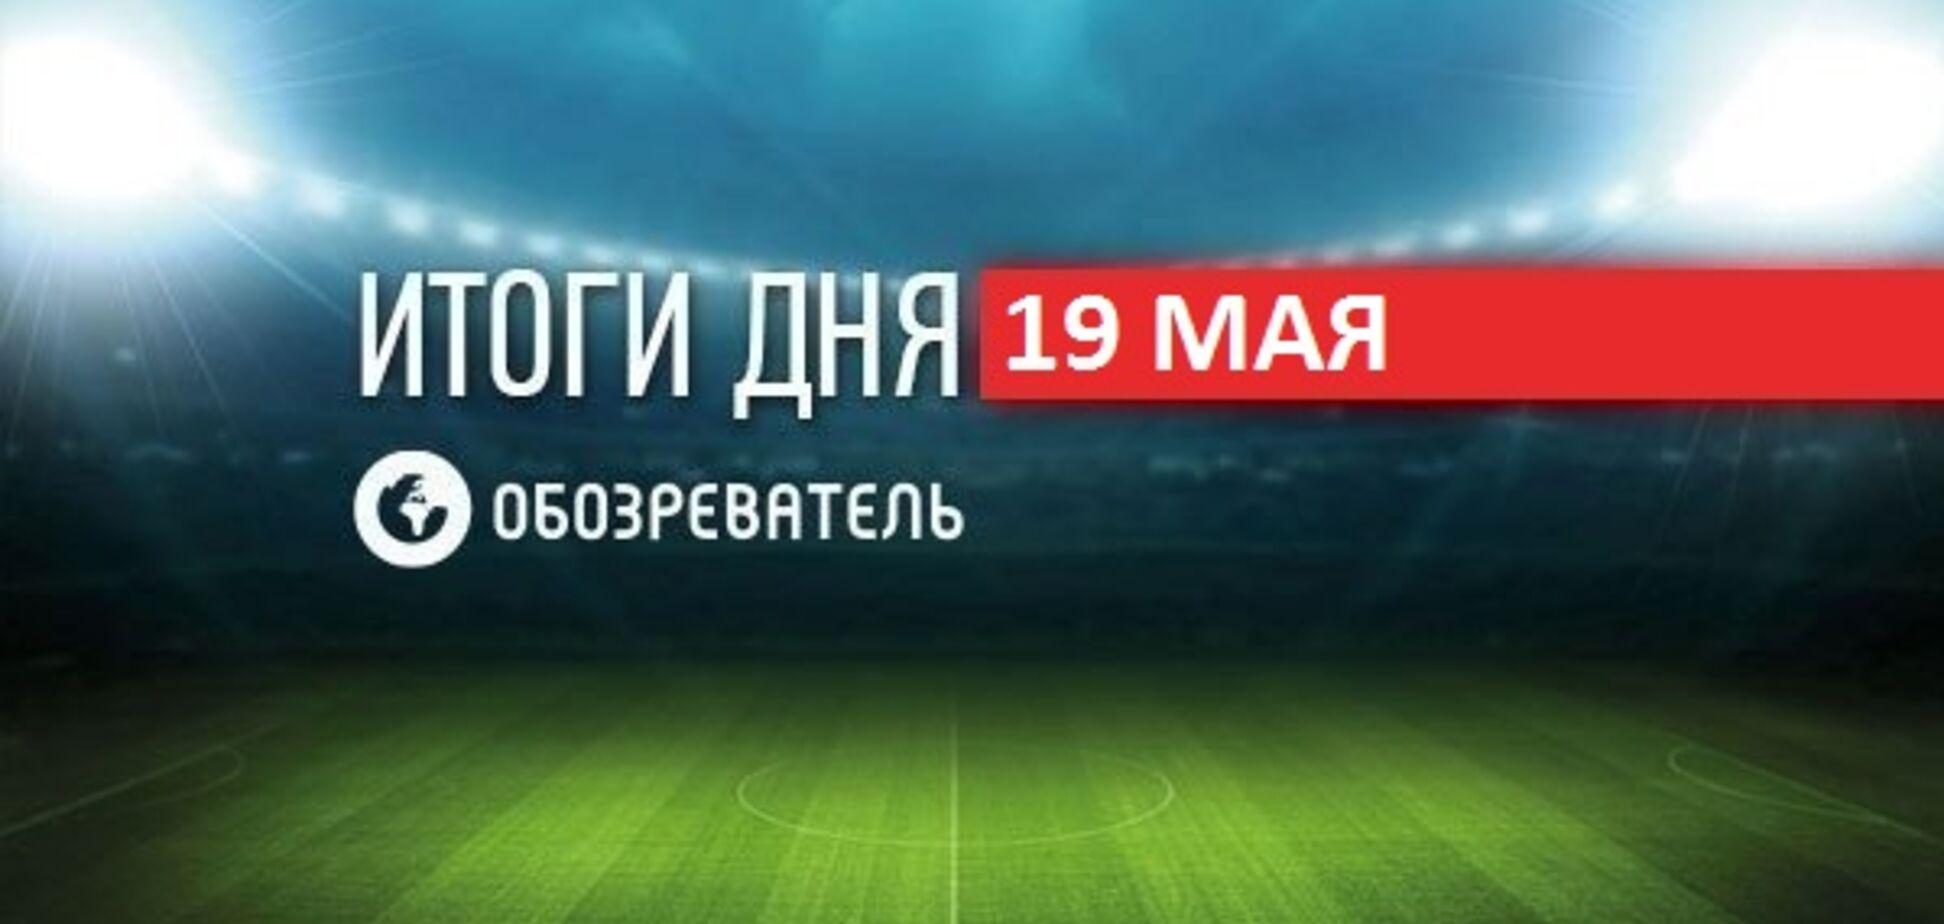 Братанию Усика с россиянами нашли объяснение: спортивные итоги 19 мая